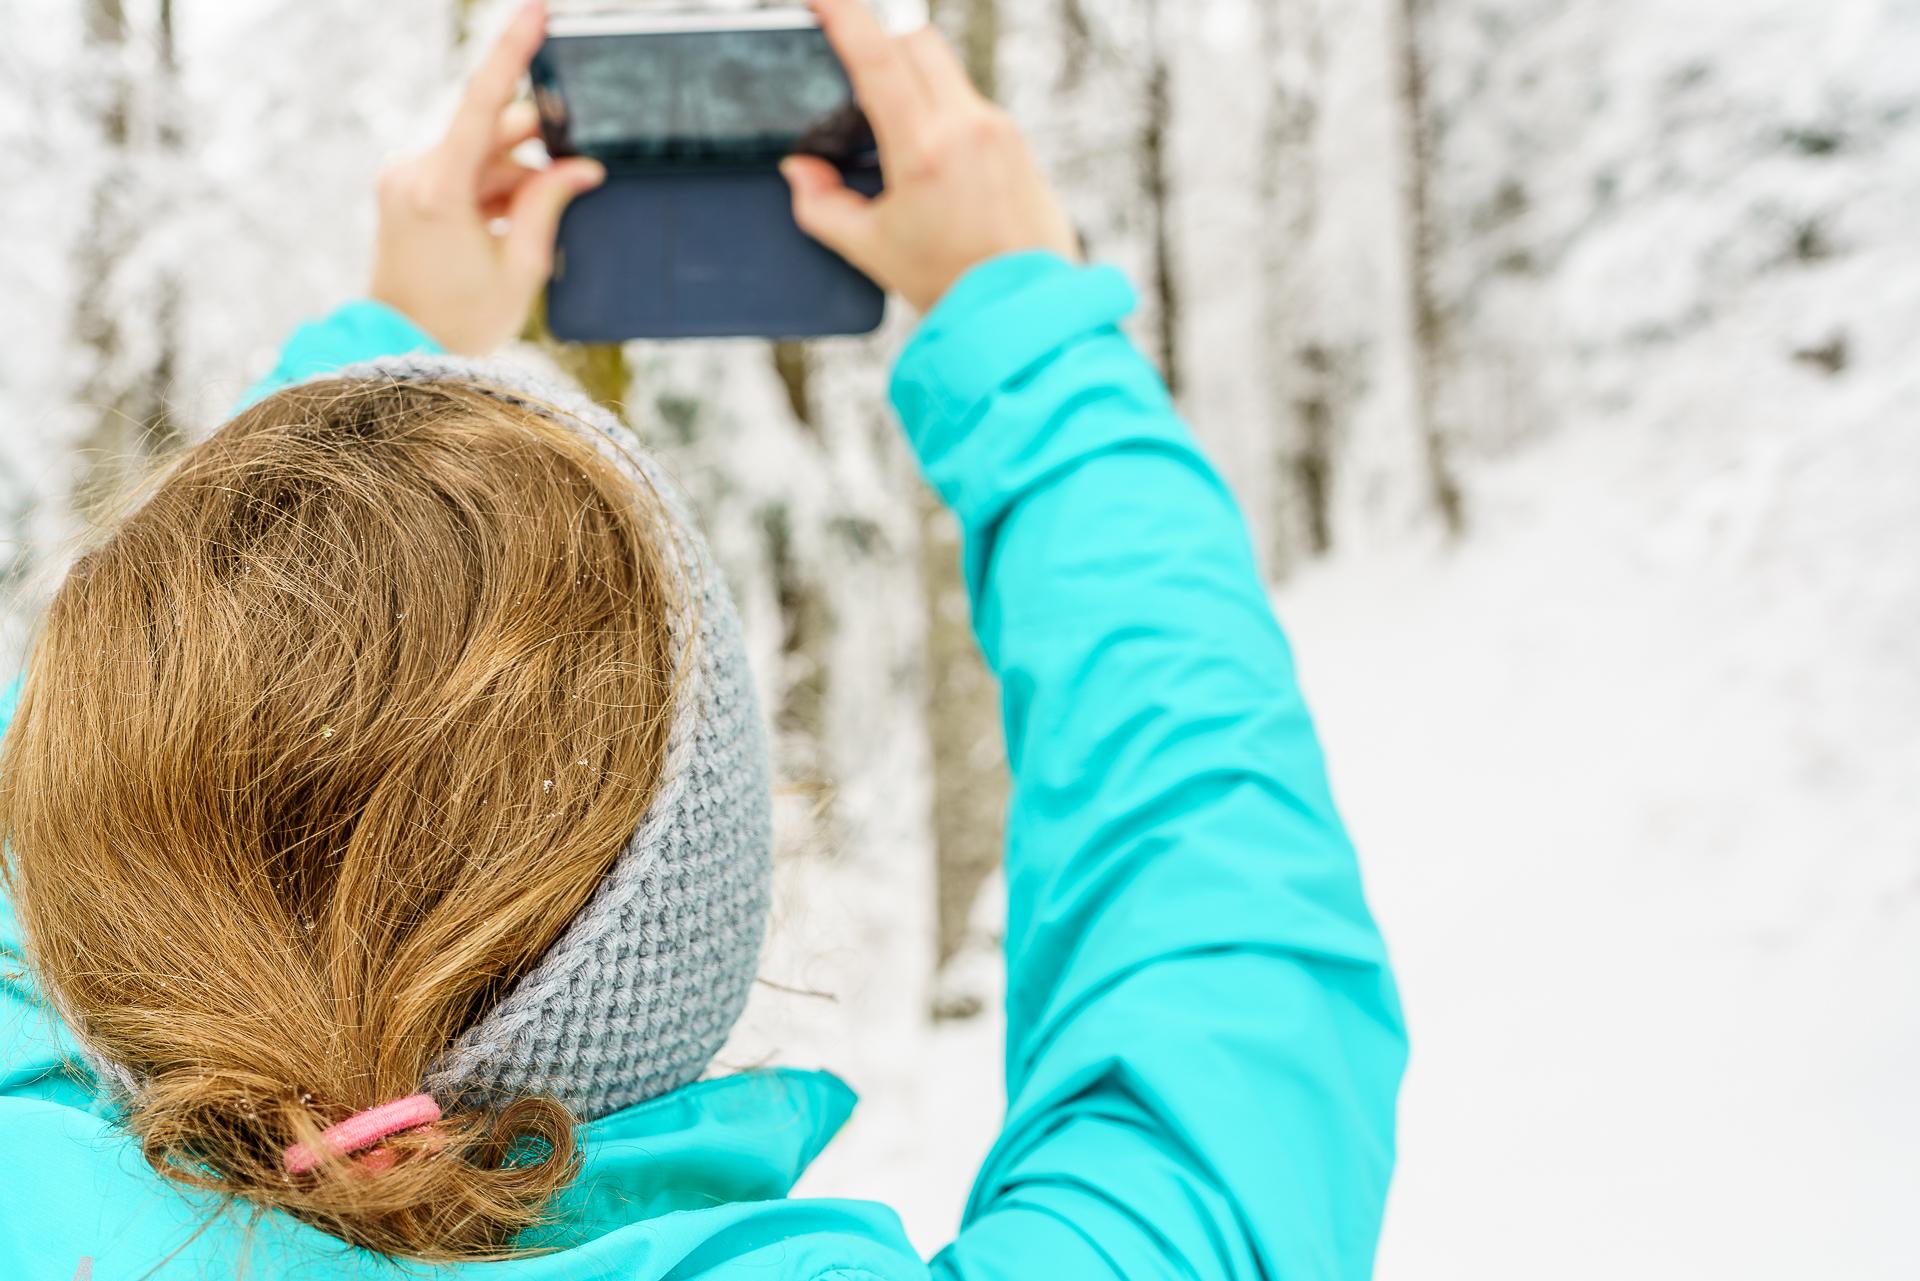 Instagramming-im-Schnee